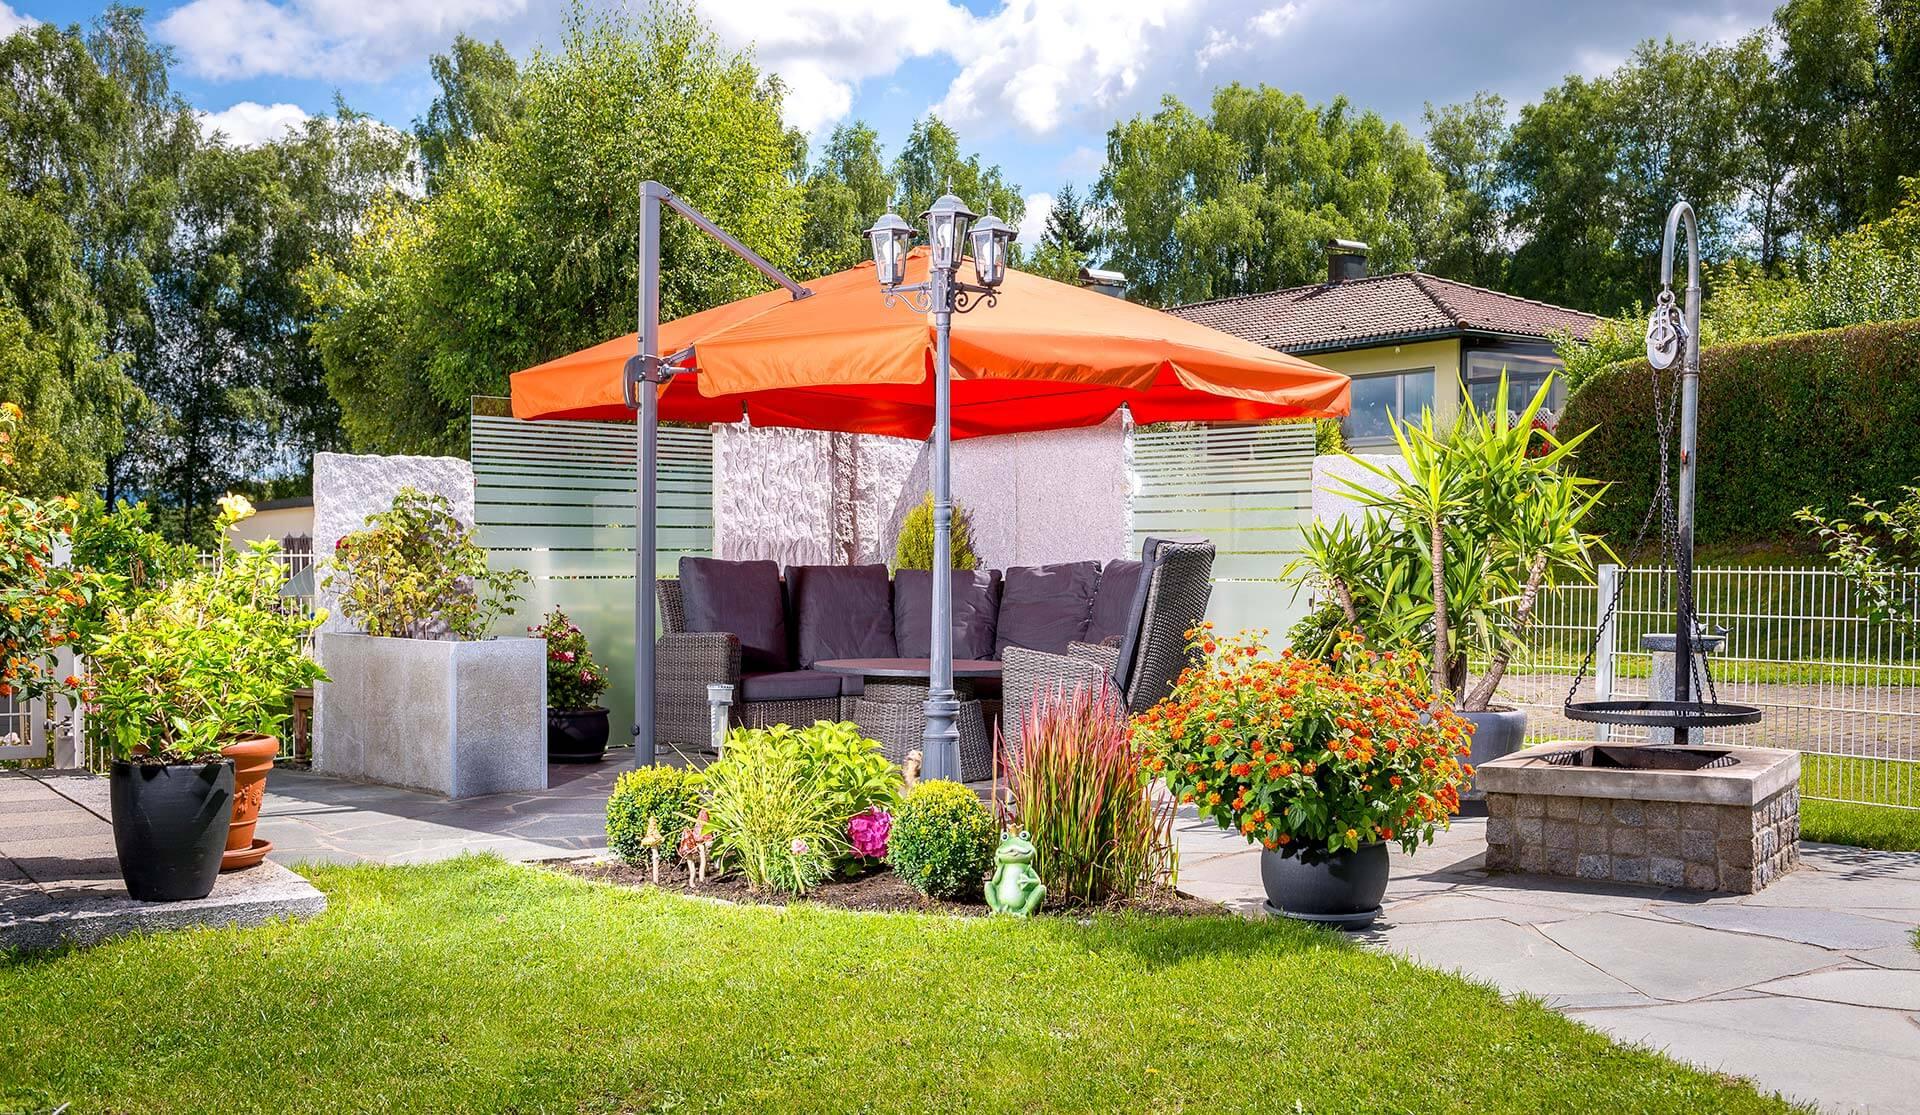 Sicht- & Windschutz im Garten in Rottweil